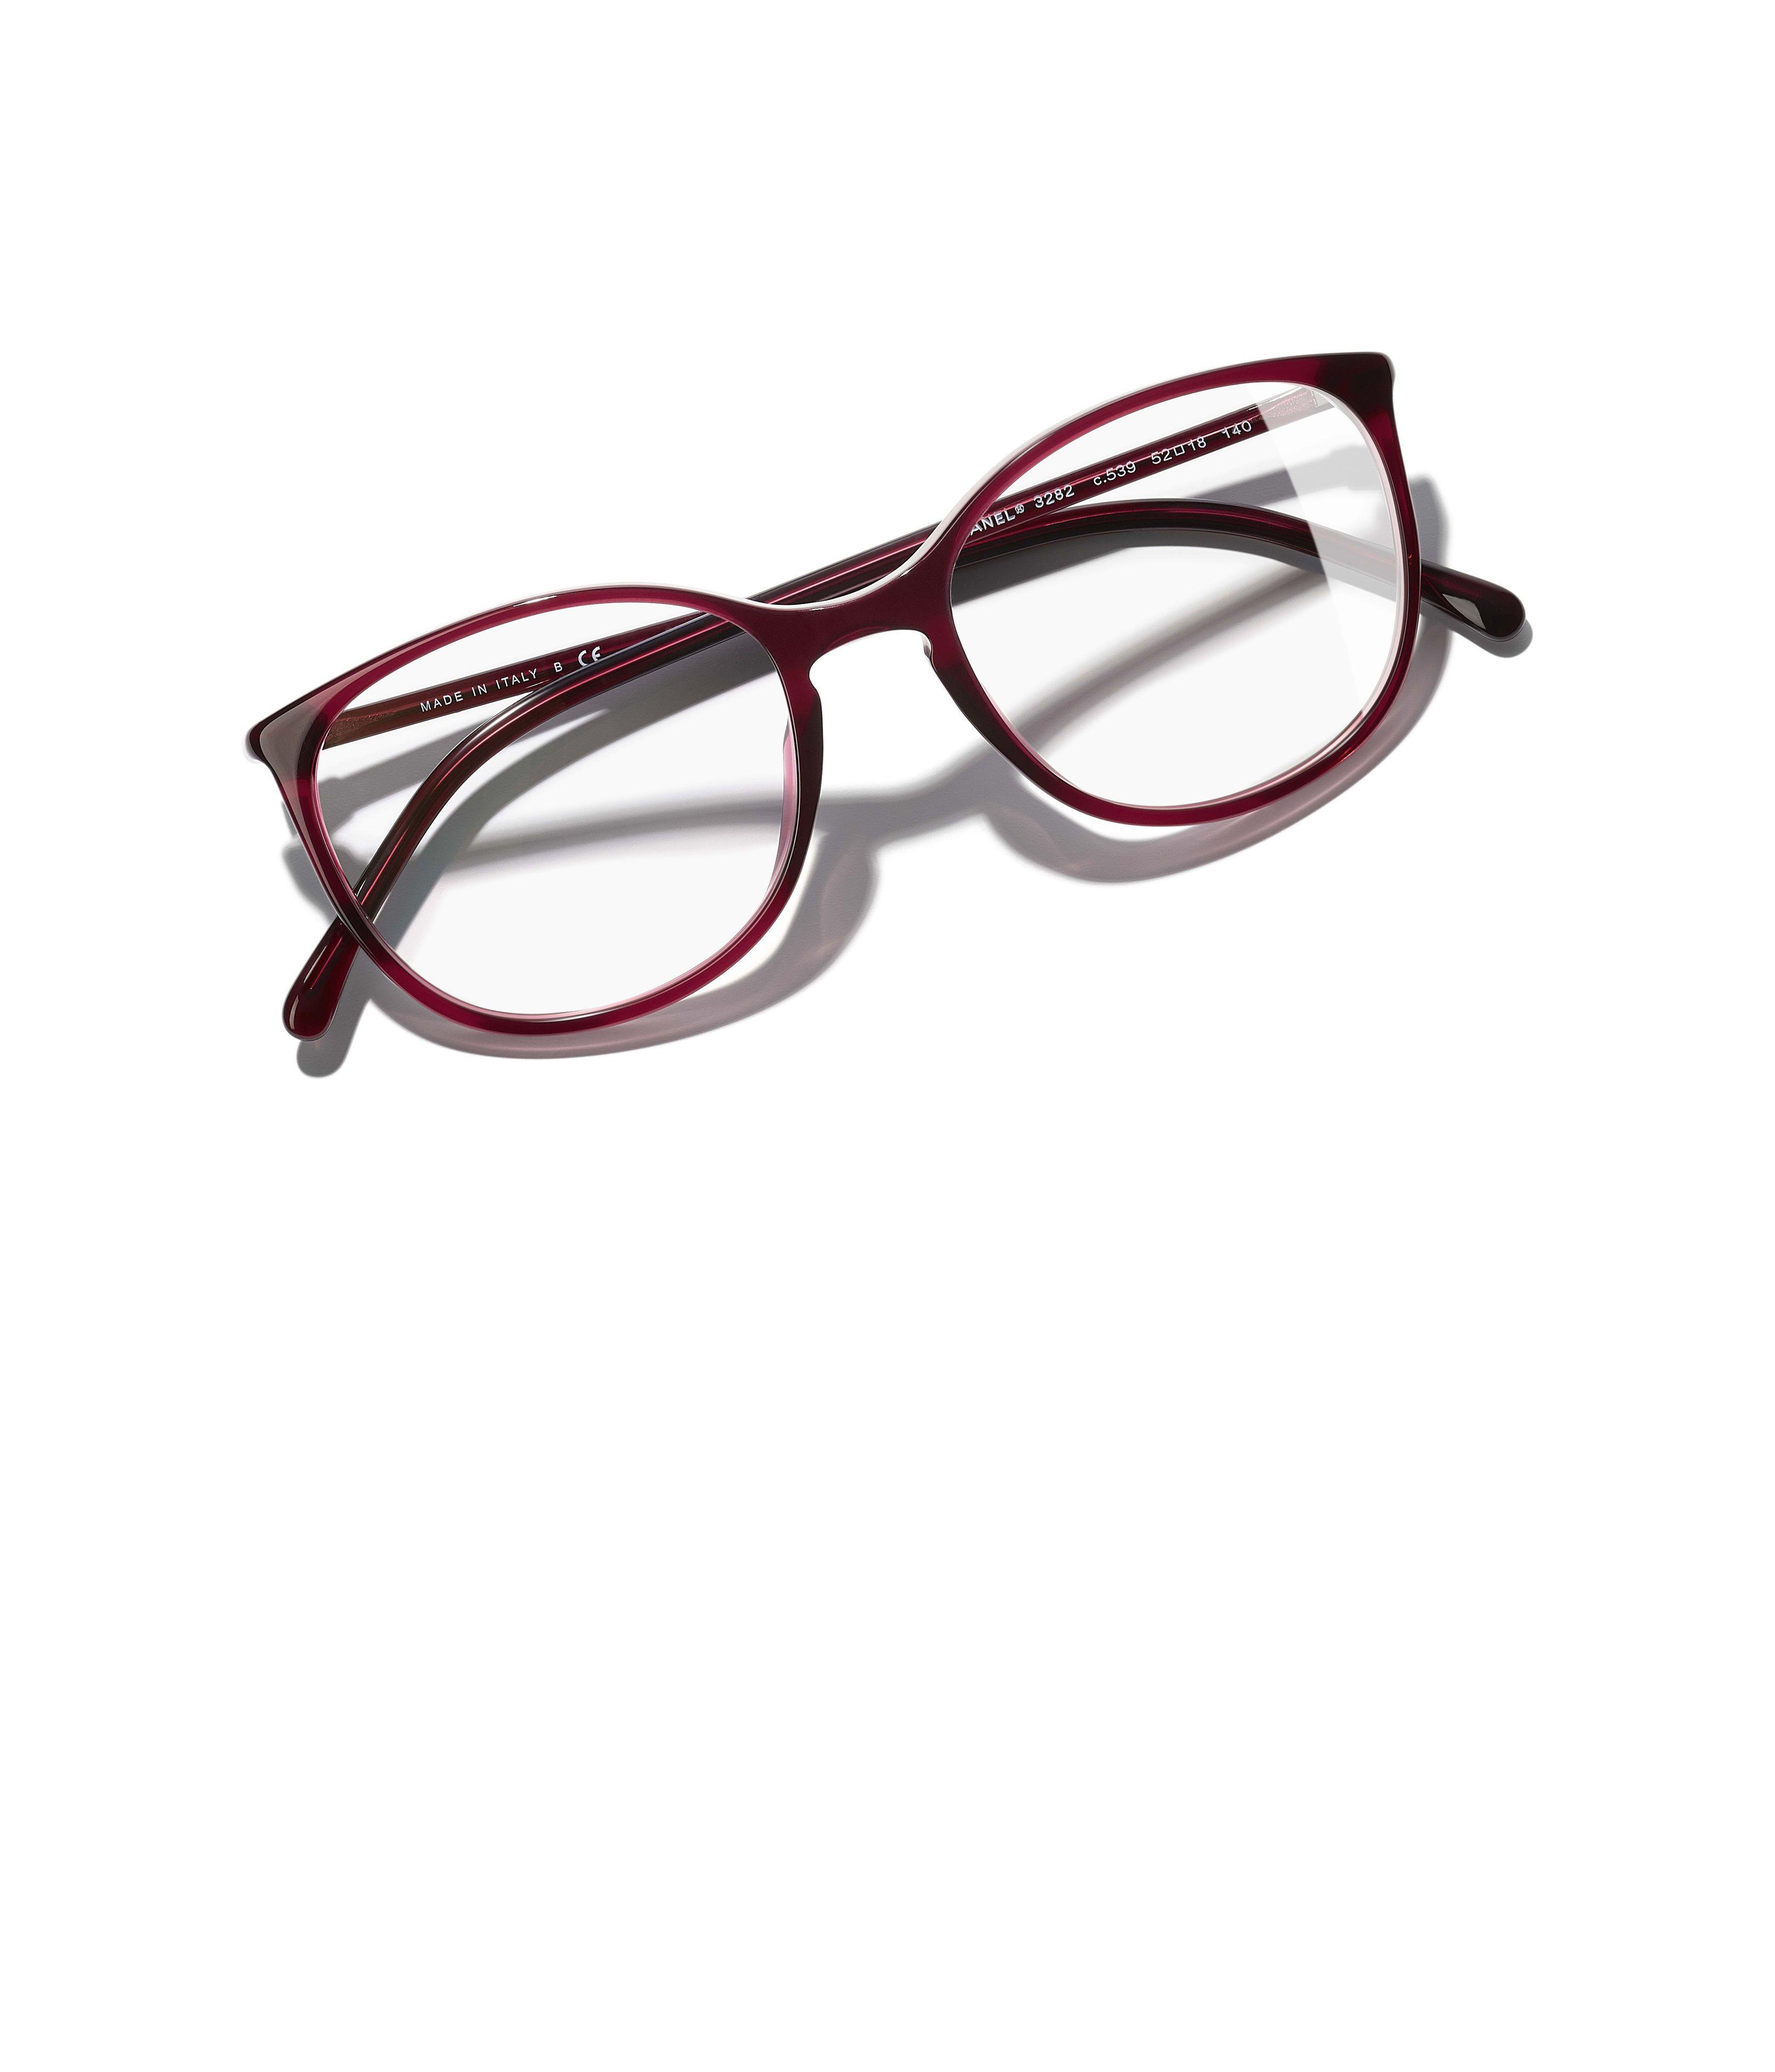 2040a3f5fb6d1 Óculos CHANEL   Óculos De Grau, acetato, vermelho no site oficial CHANEL